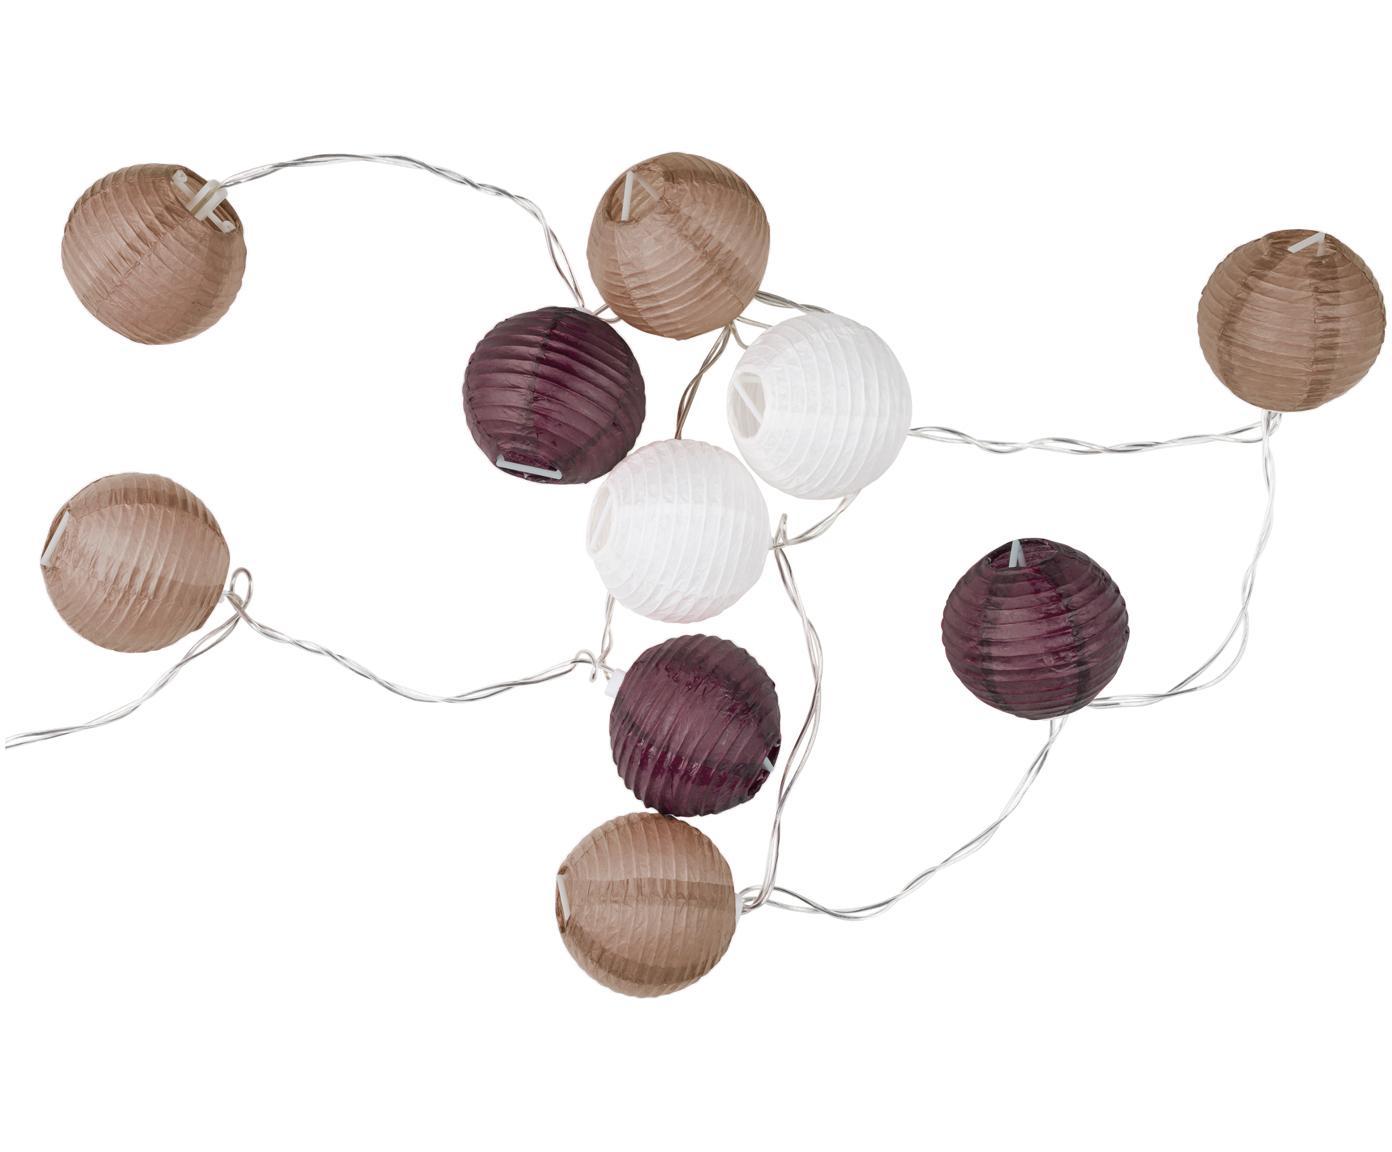 Girlanda świetlna LED Ibiza, 330 cm, Papier, tworzywo sztuczne, Purpurowy, brązowy, biały, D 330 cm